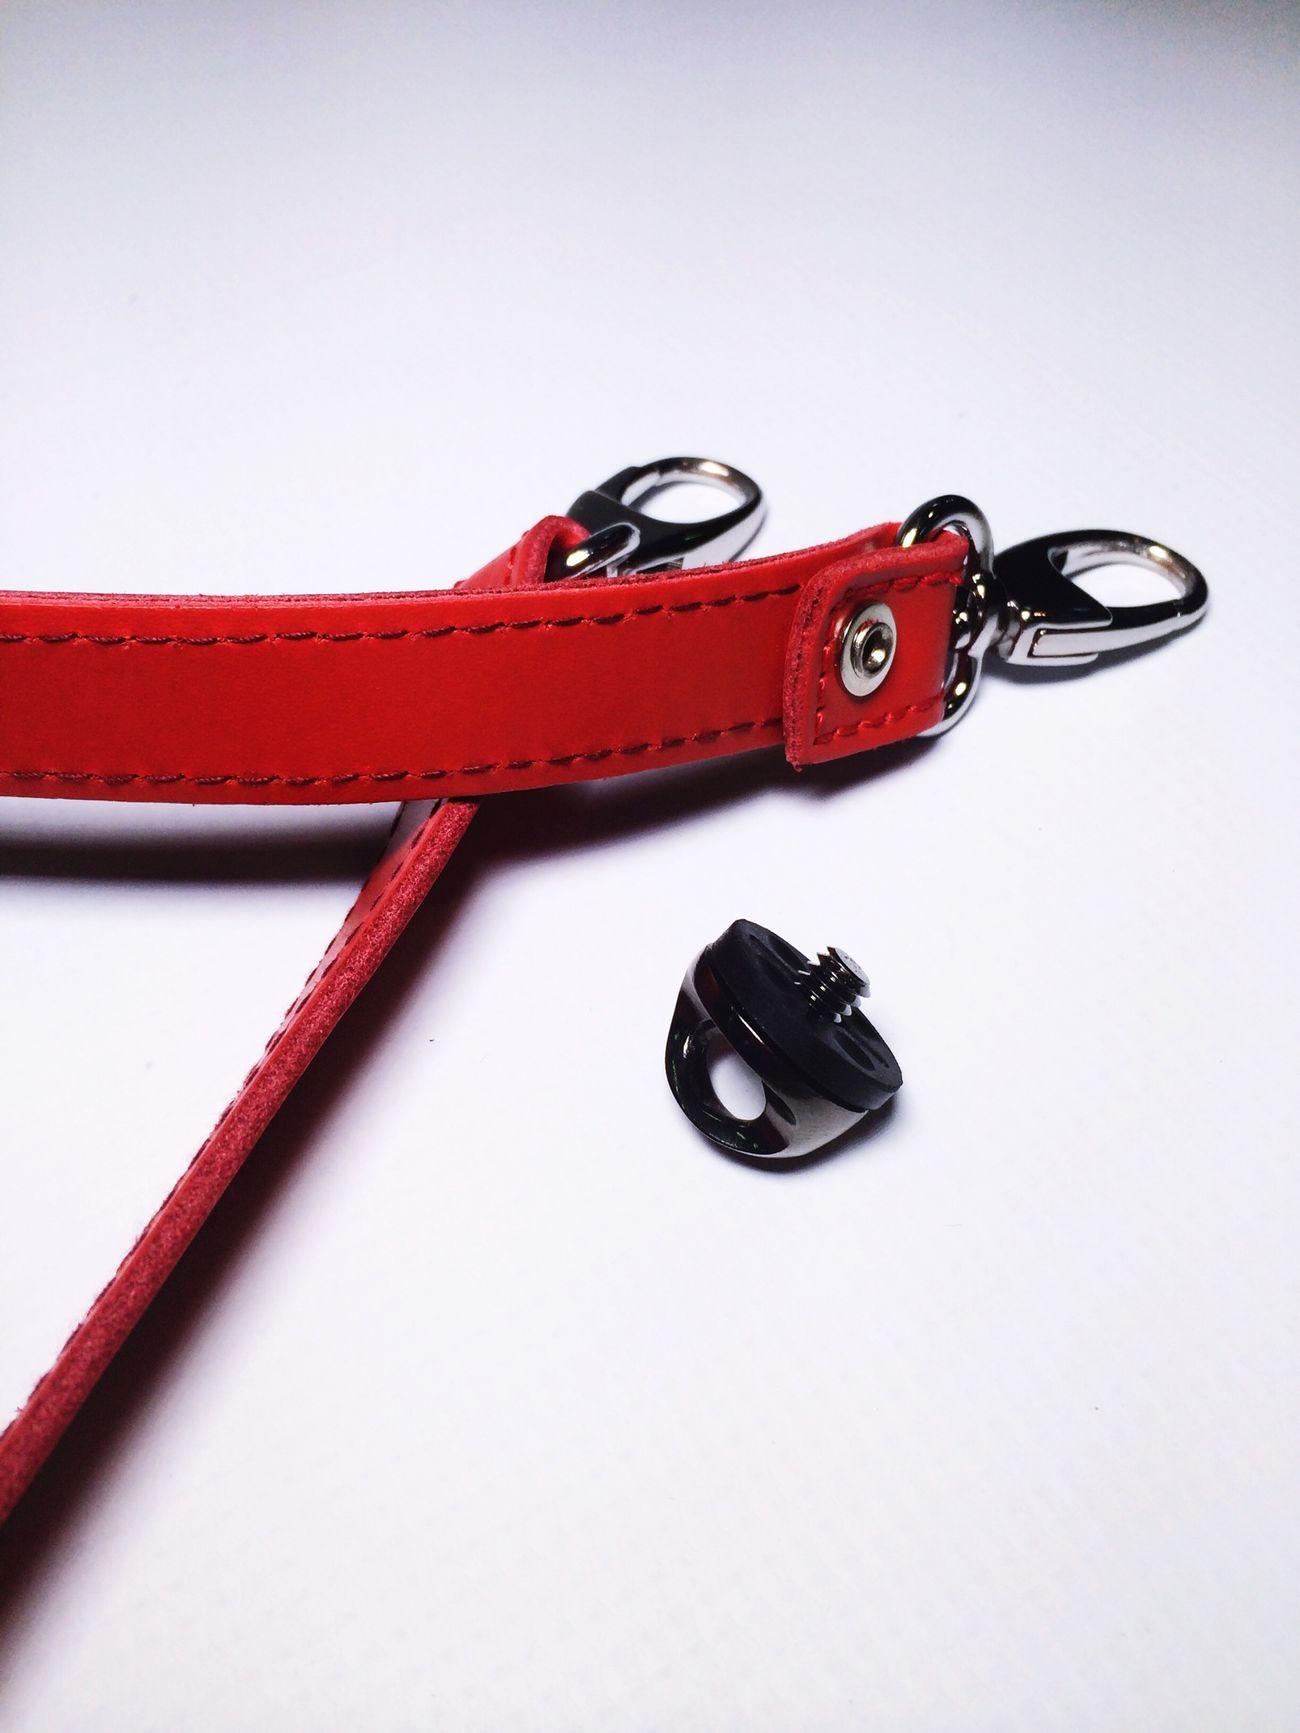 Busca tu propio estilo #retro #vintage Elige la manera de llevar tu #camera #longstrap #correa #review #nosvemosenlastiendas . Elige la opción que más se ajusta a tus necesidades #leather ? #nanodelarosa #whynot Camera Longstrap Shopping